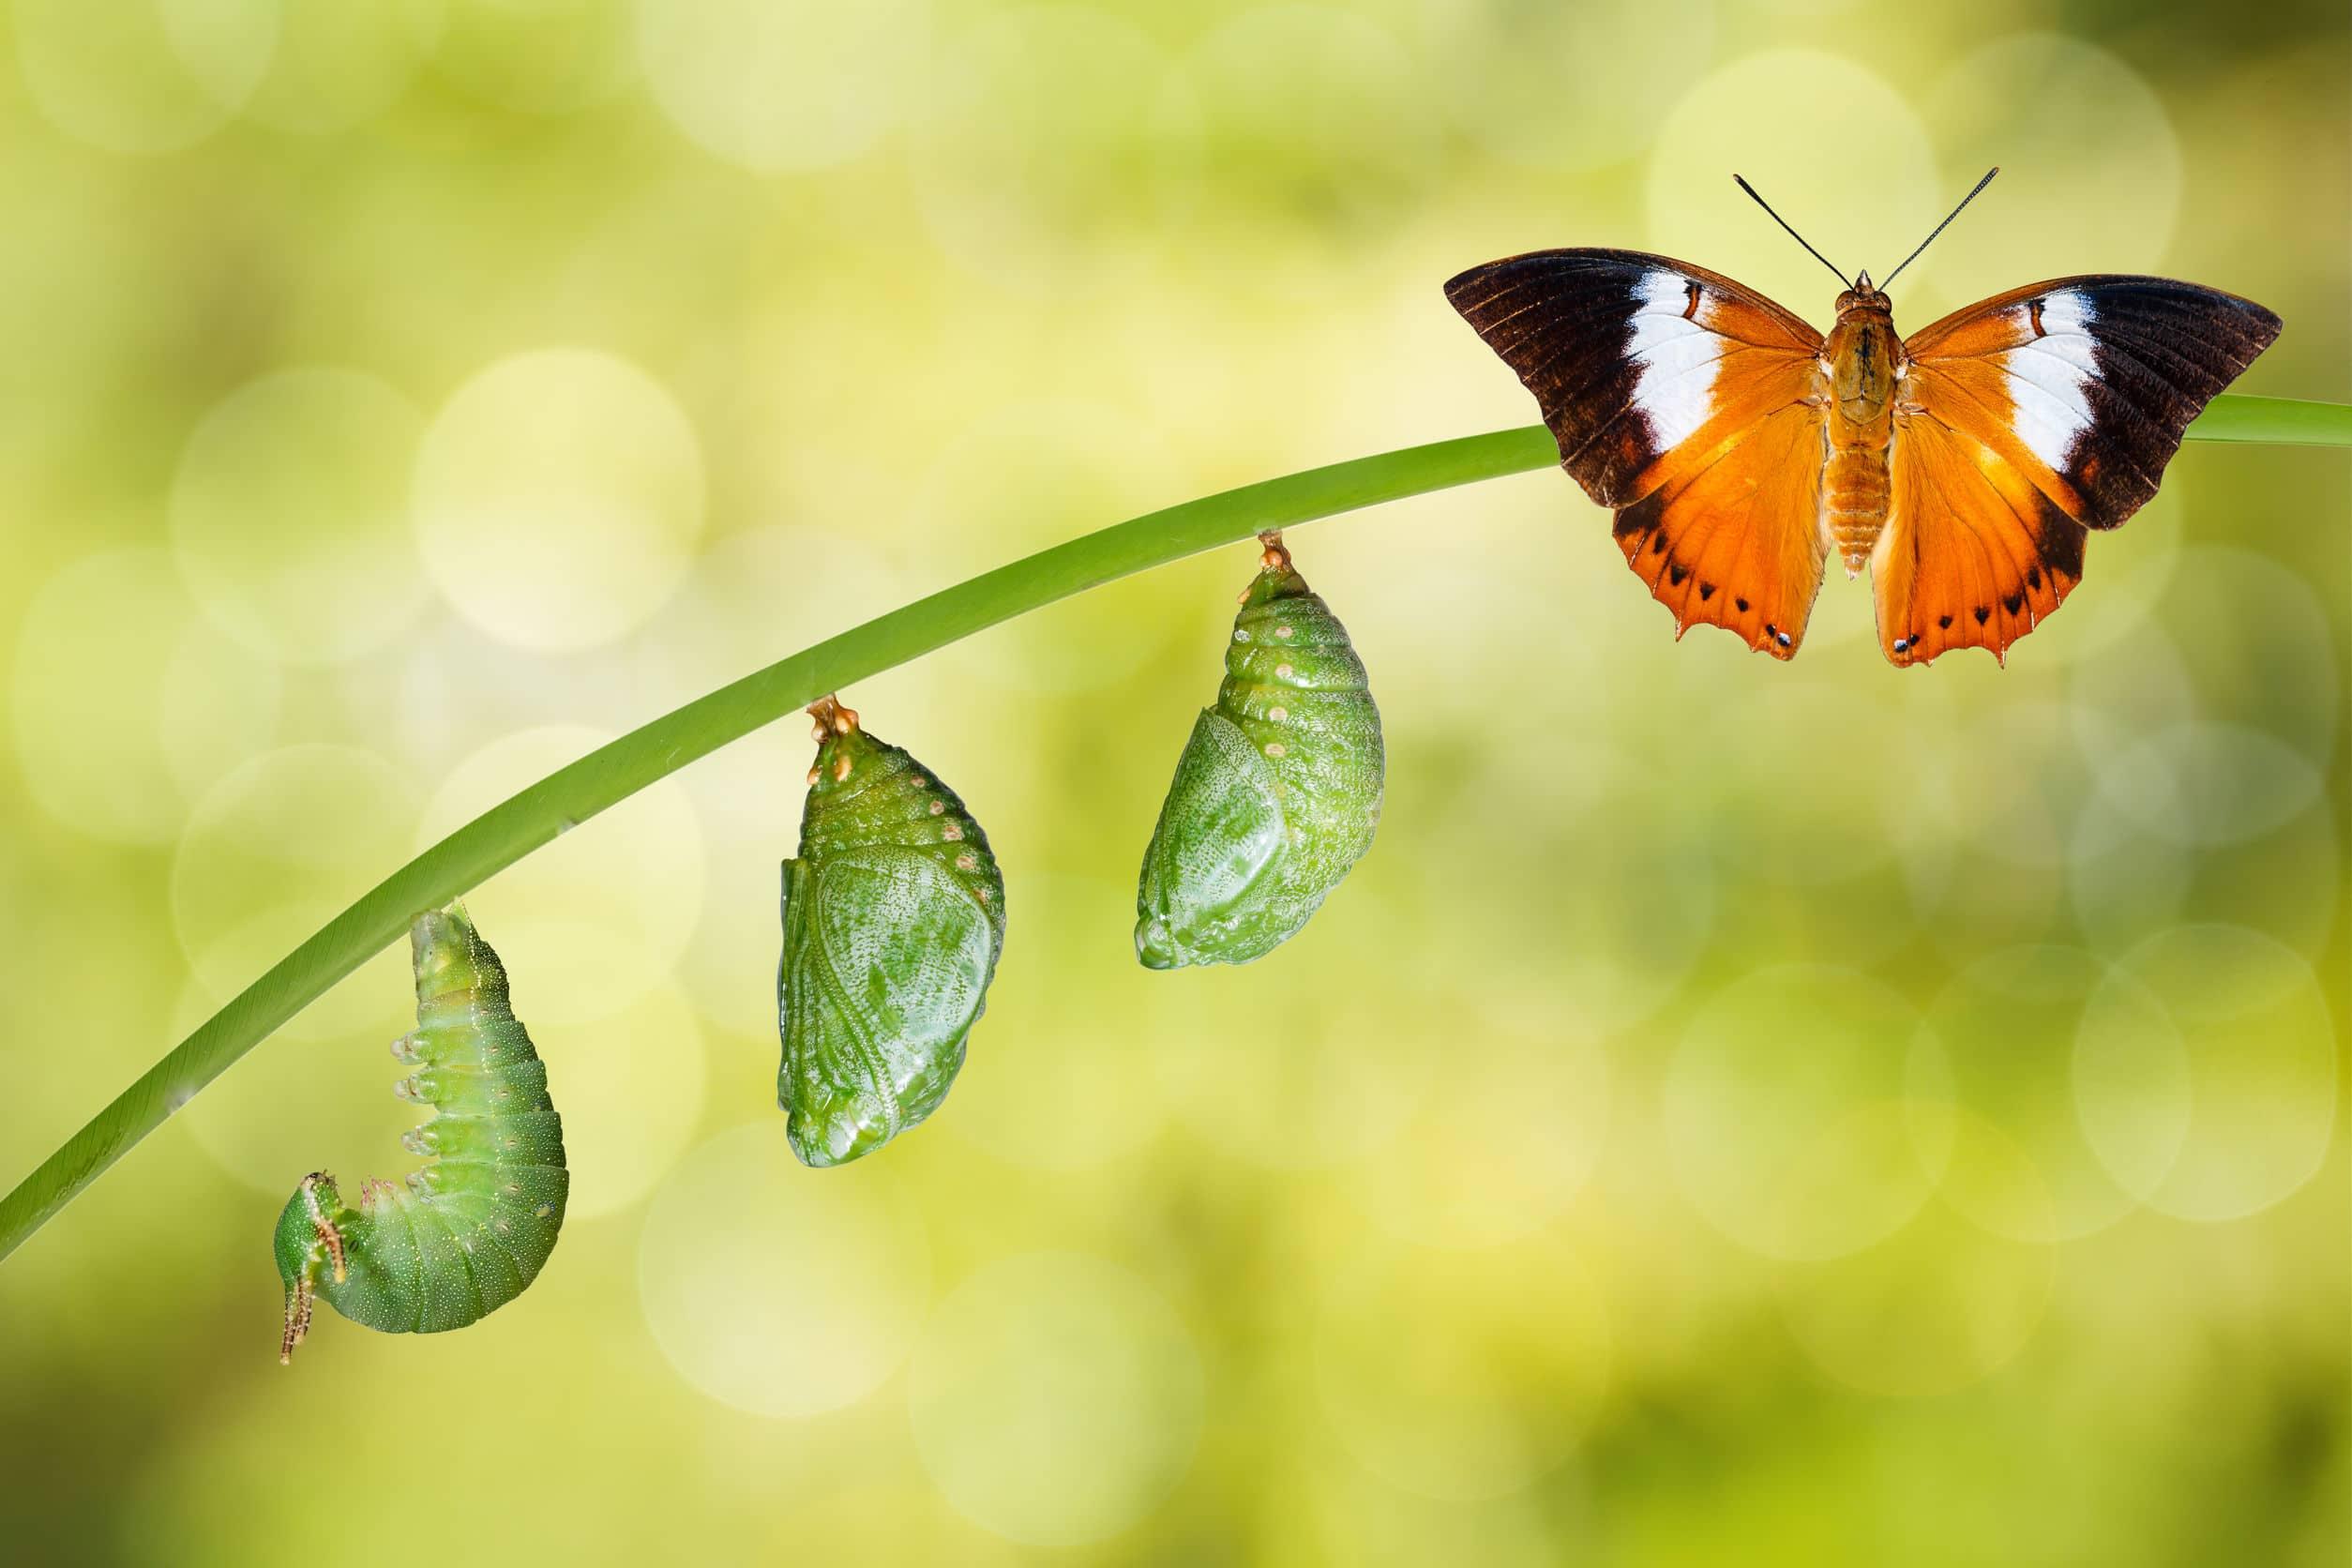 Fases da borboleta em um pequeno galho.